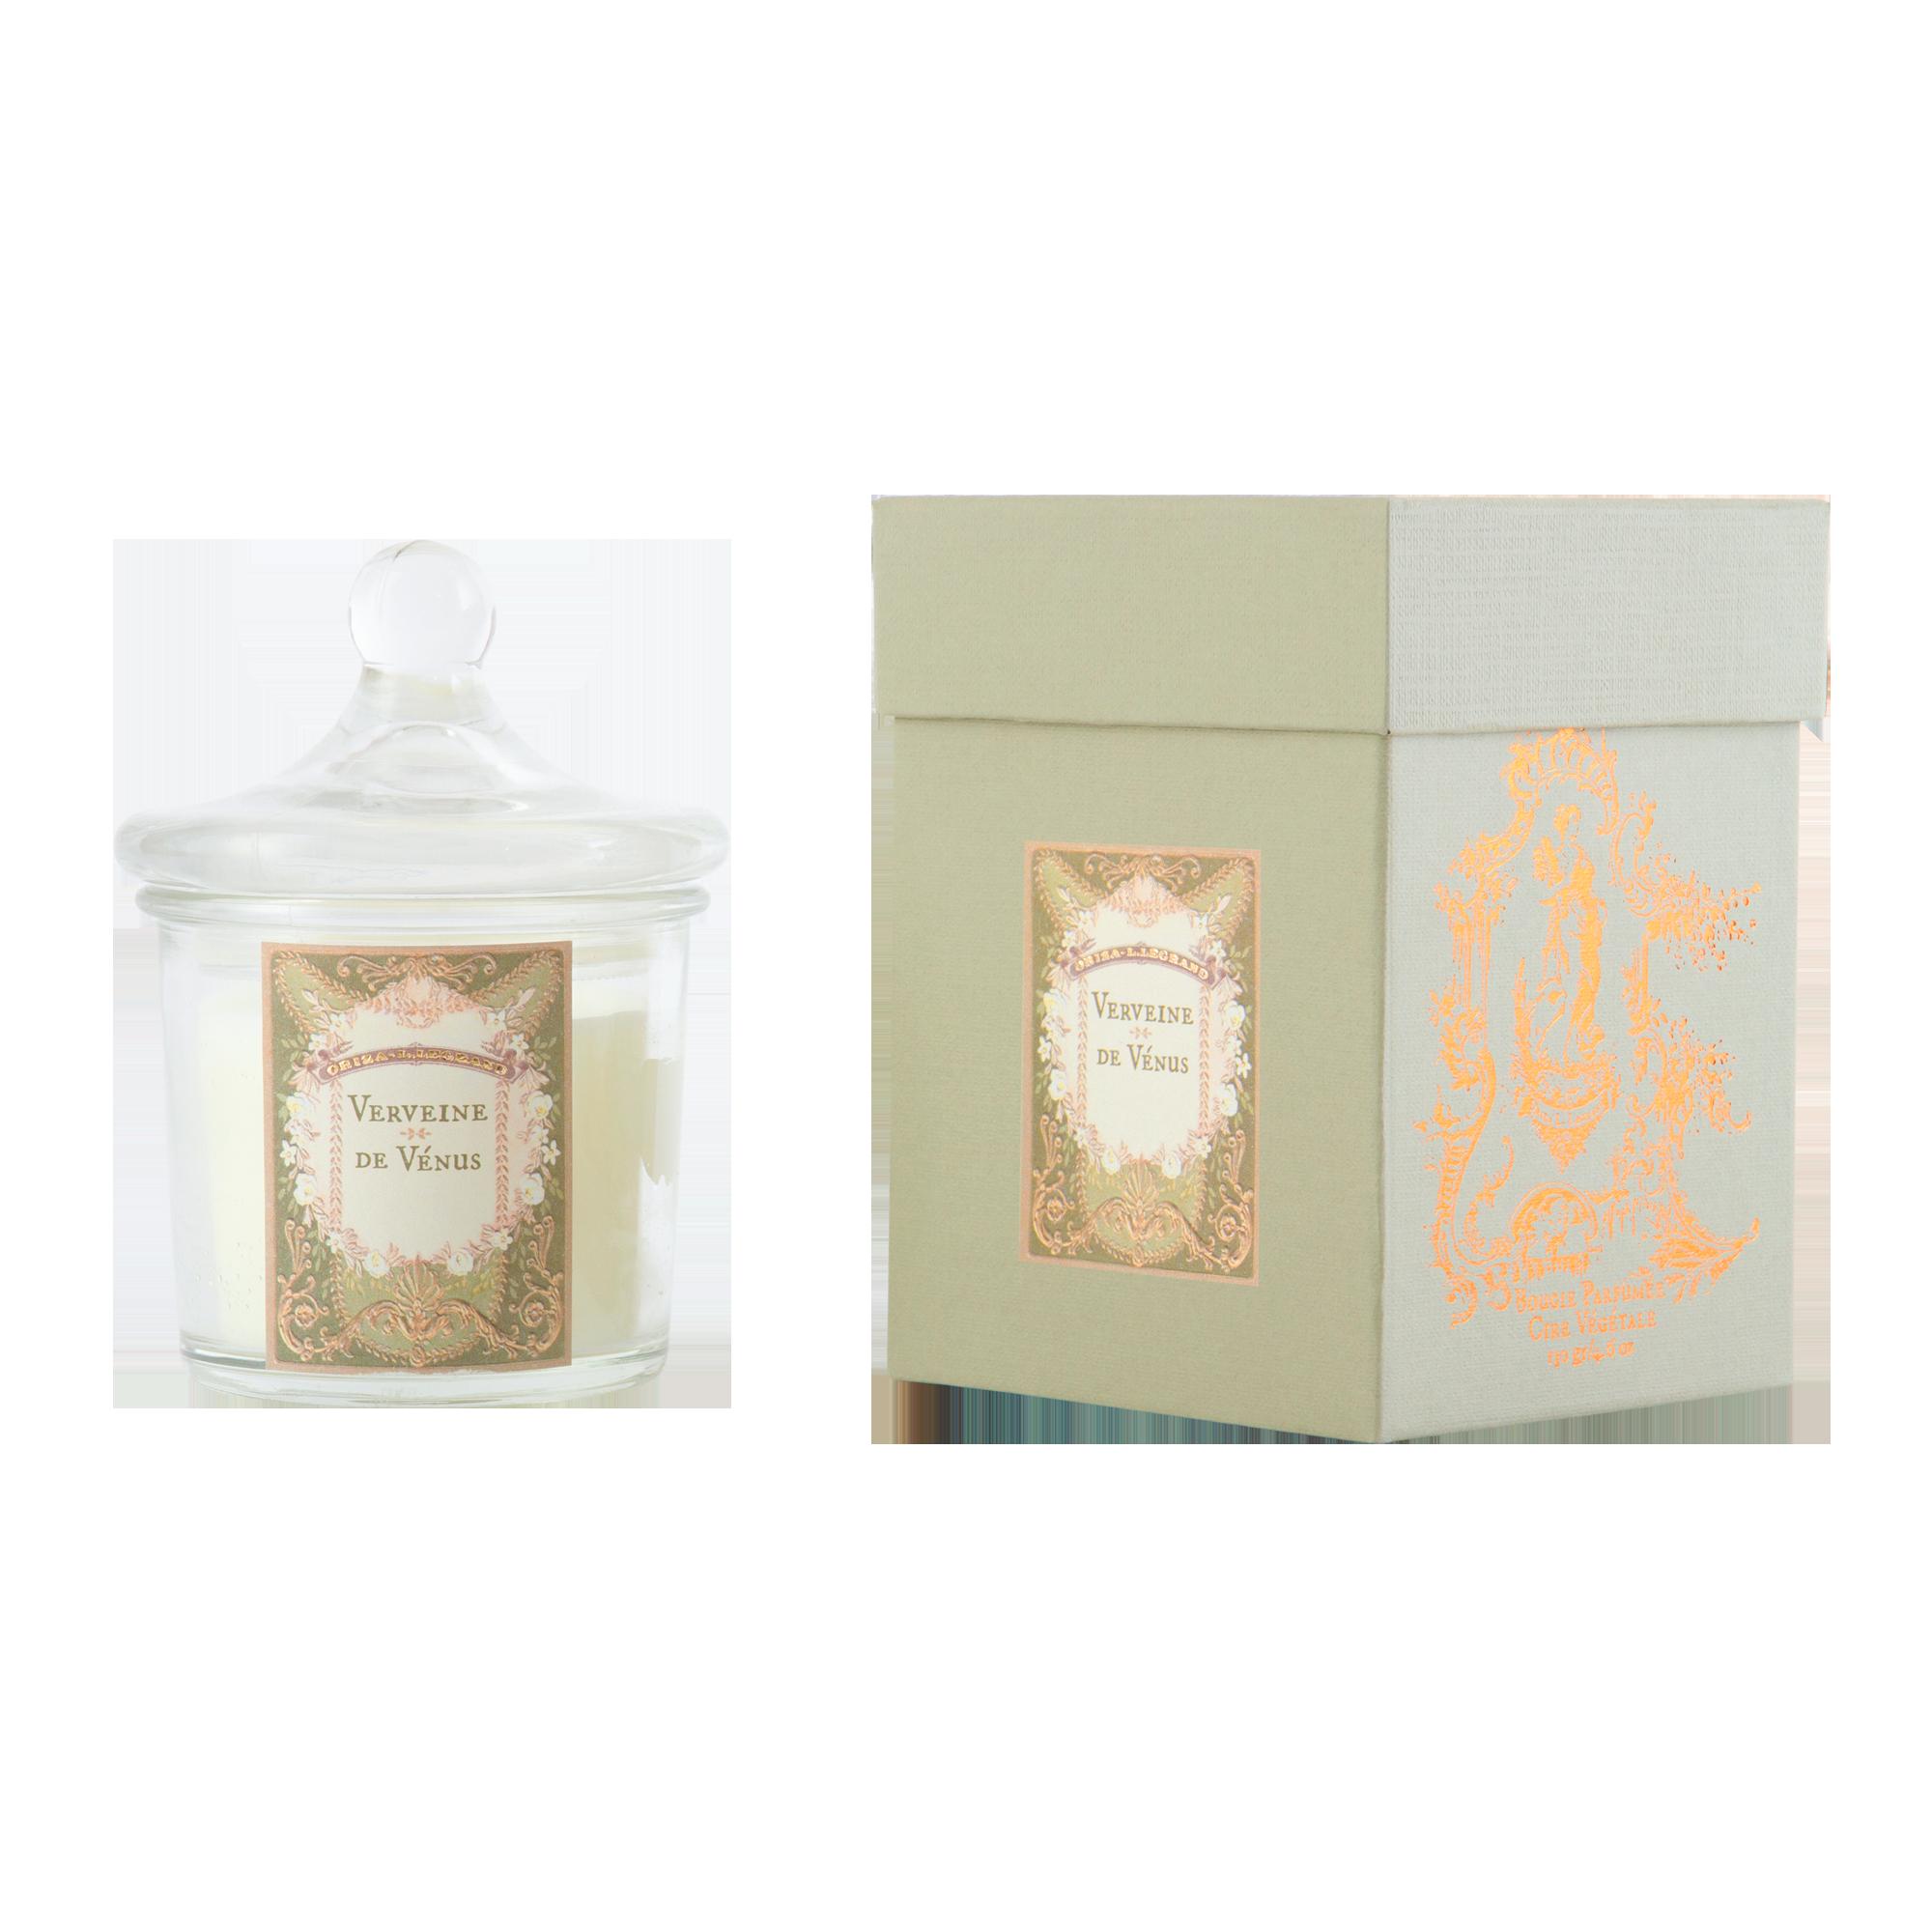 ORIZA L.LEGRAND Verveine de Vénus Perfumed Candle 130 g